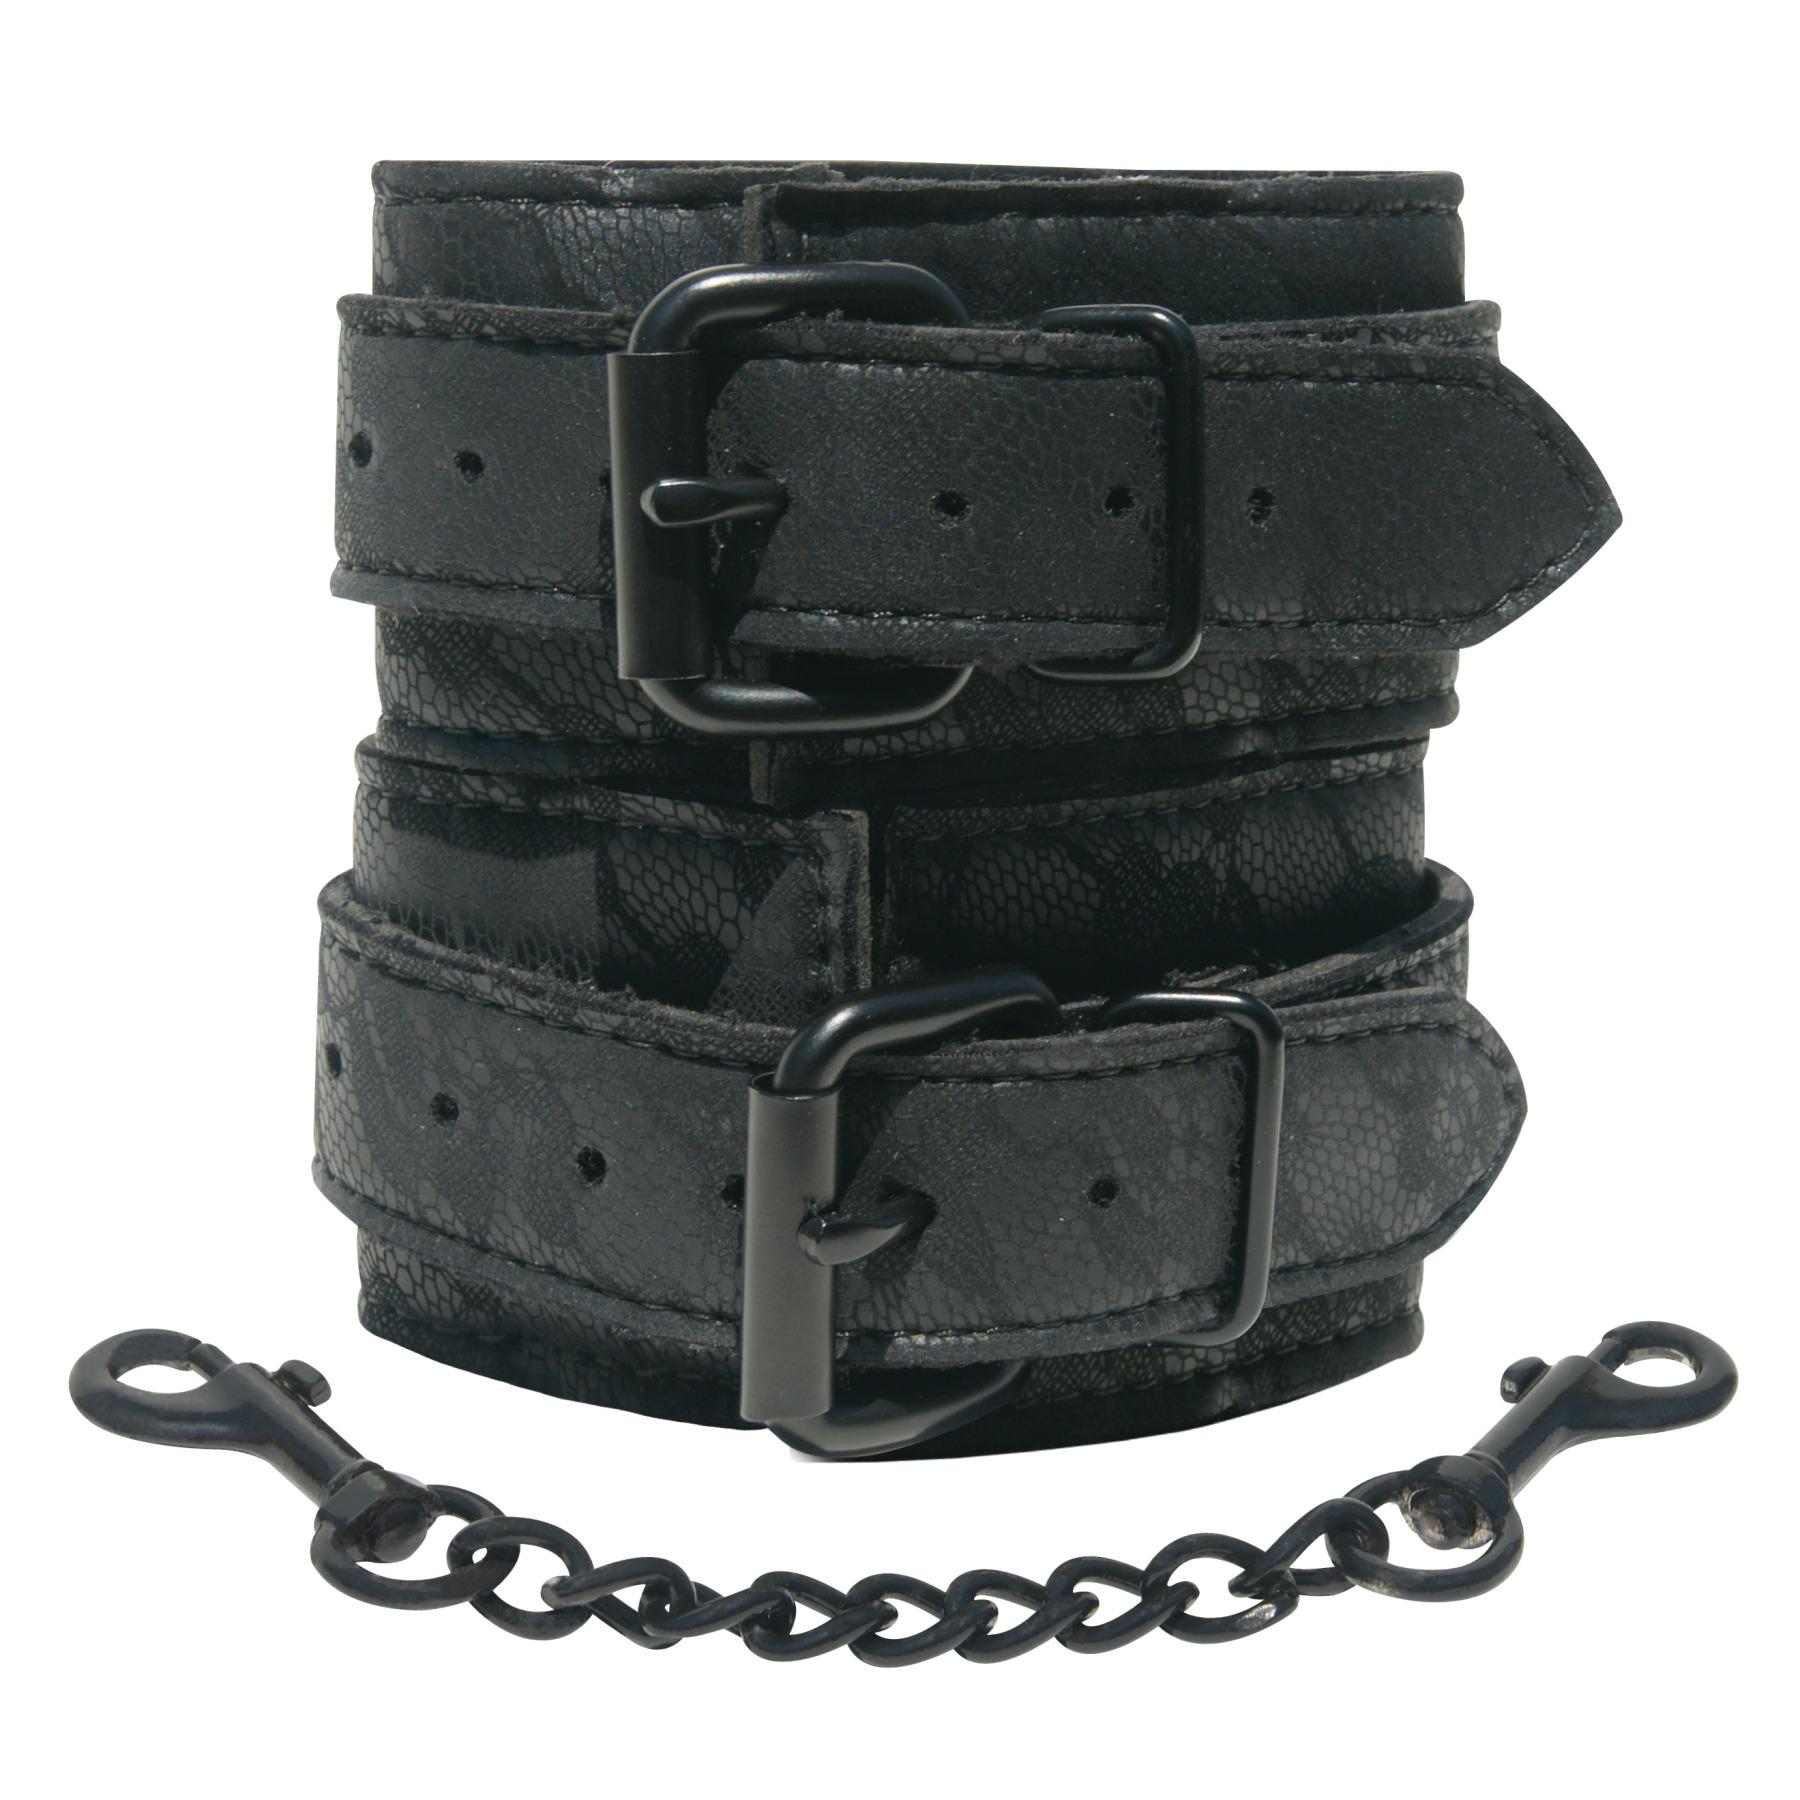 Наручники Sportsheets Midnight Lace Cuffs